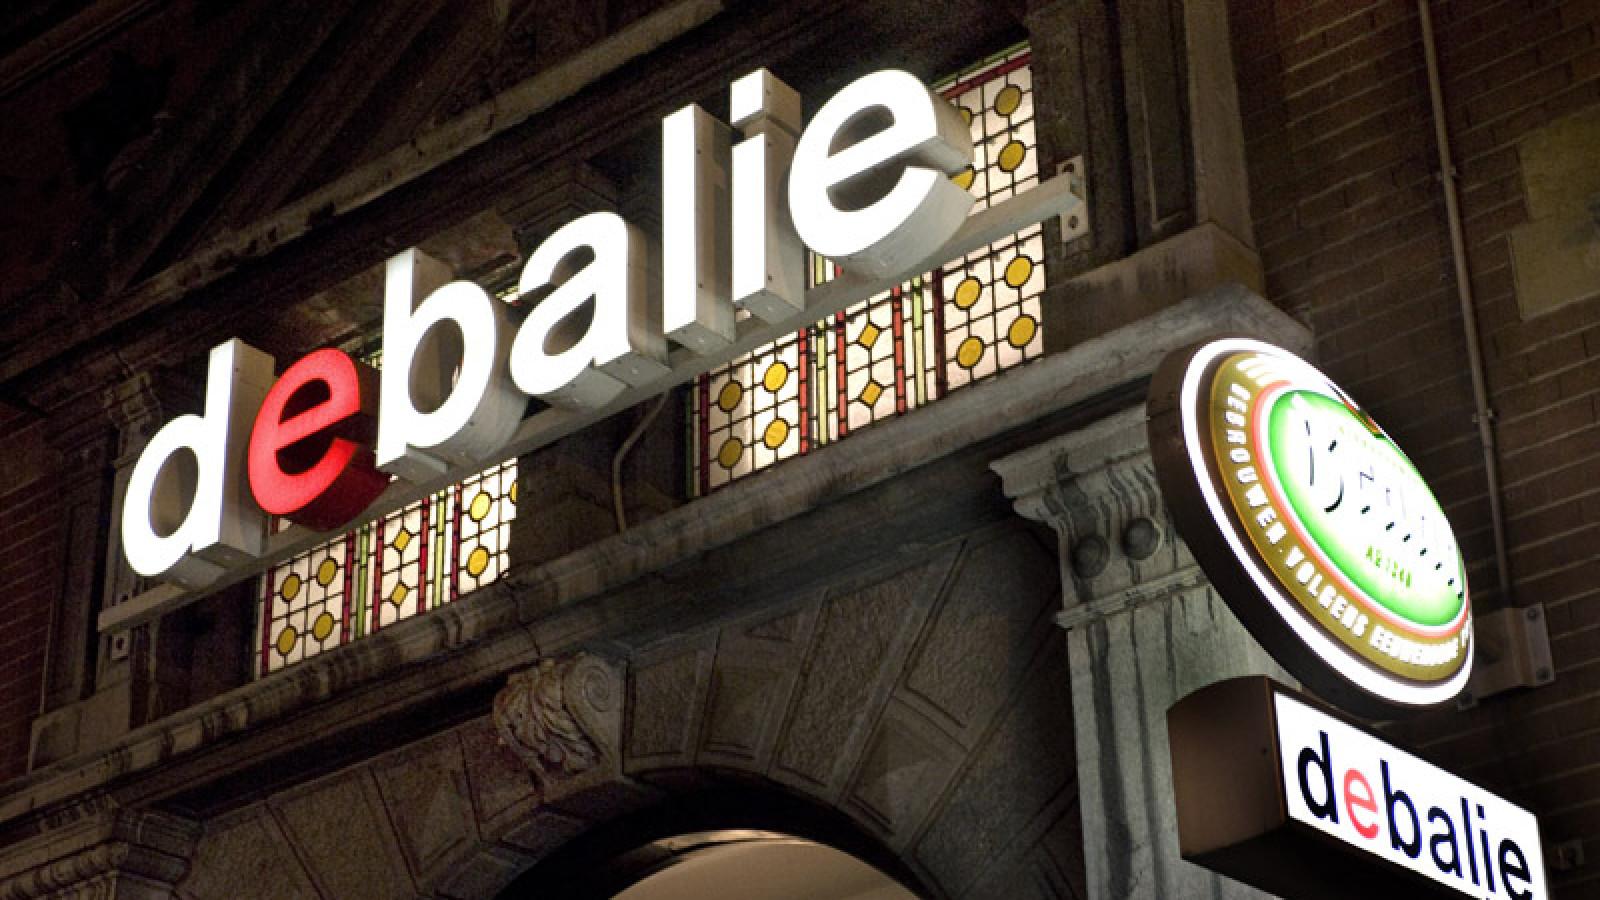 Jan Boeve/De Balie